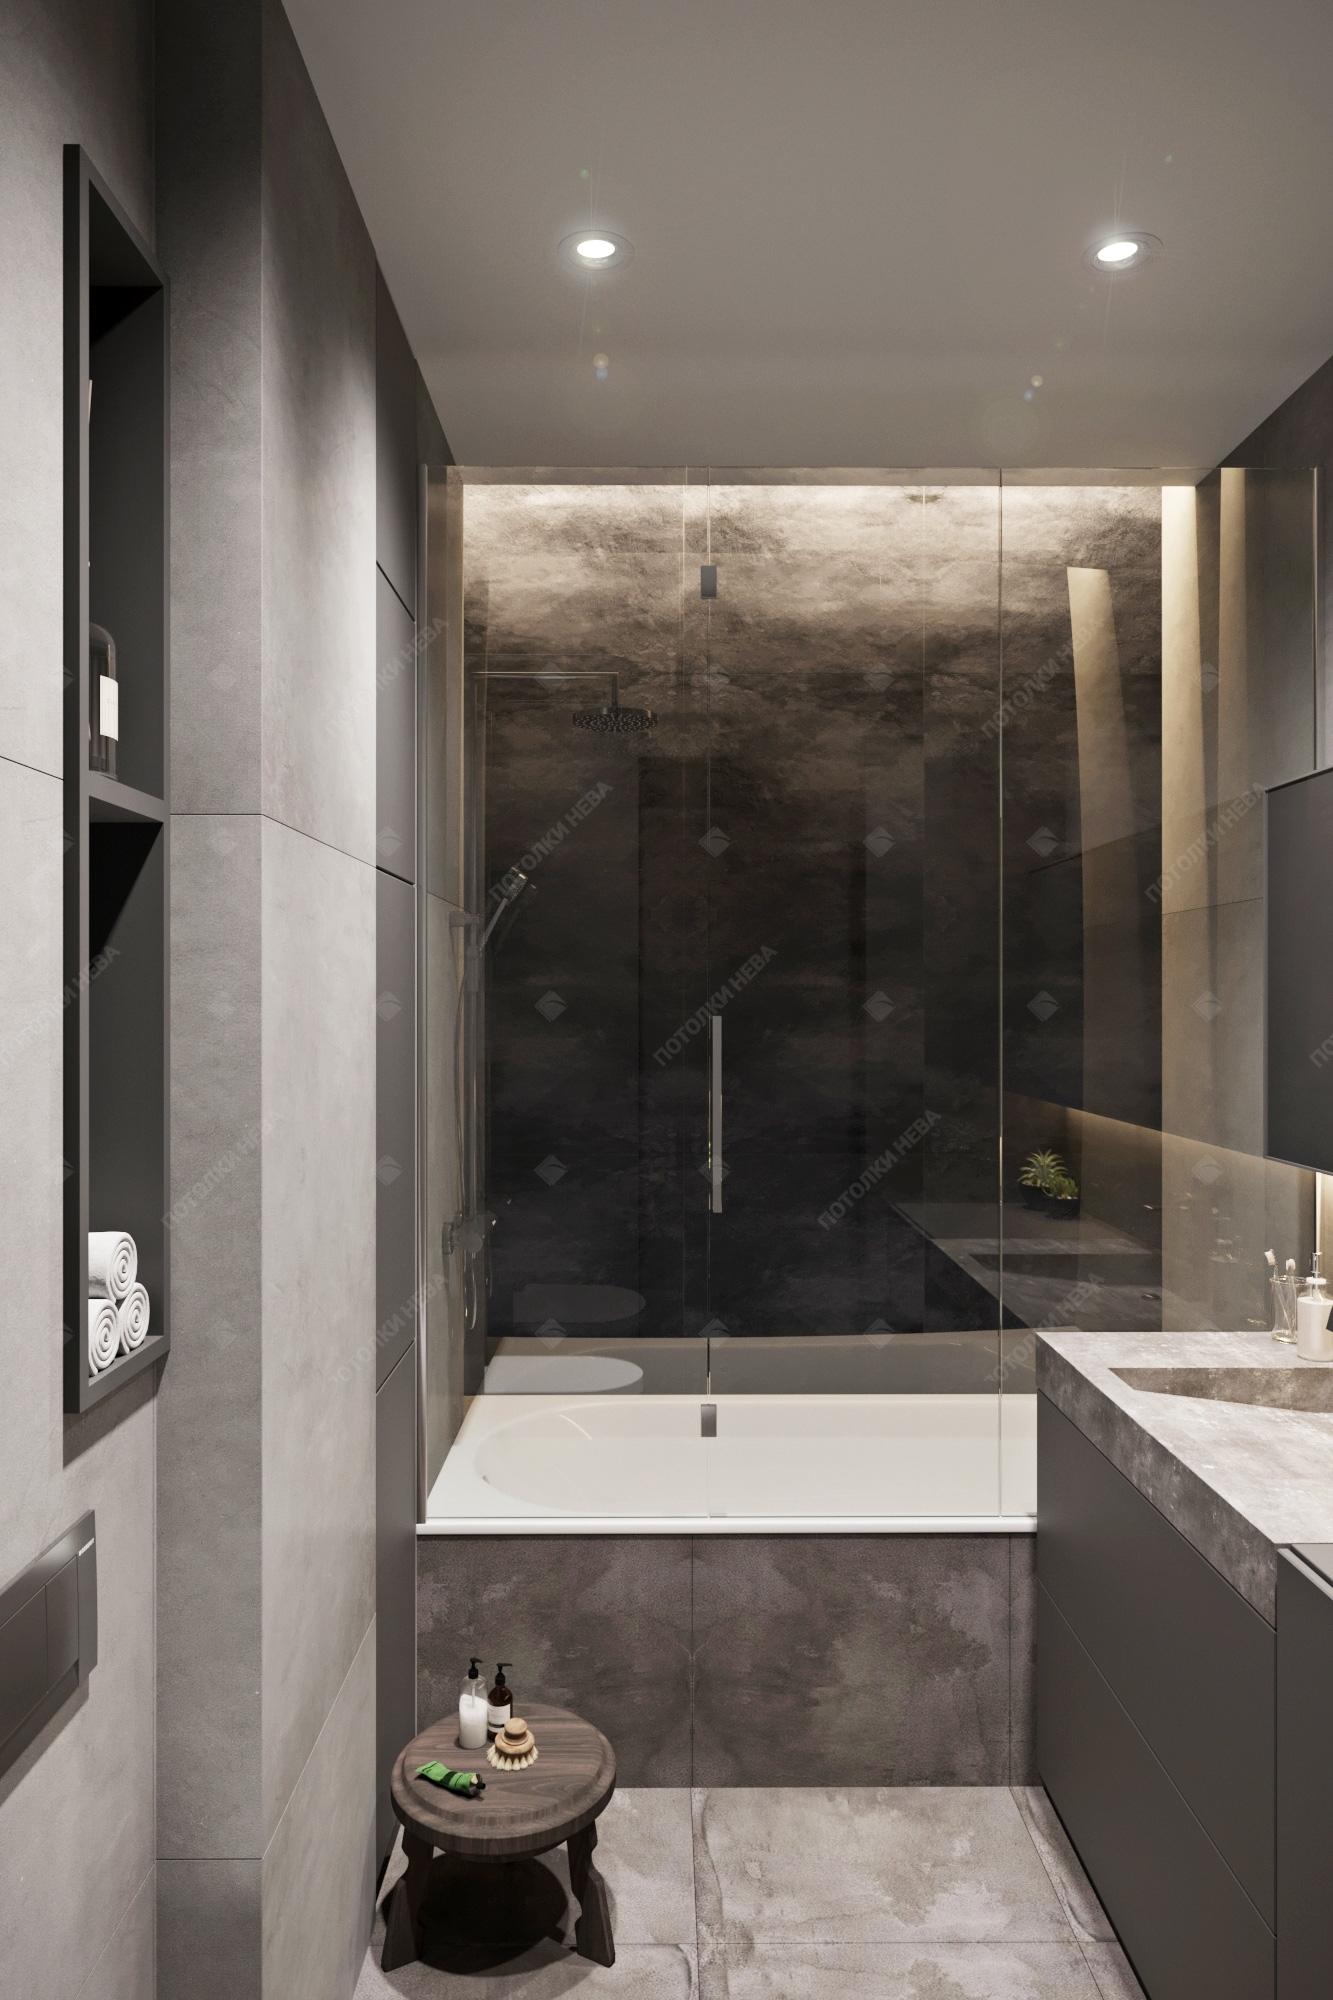 Глянцевый потолок в ванной